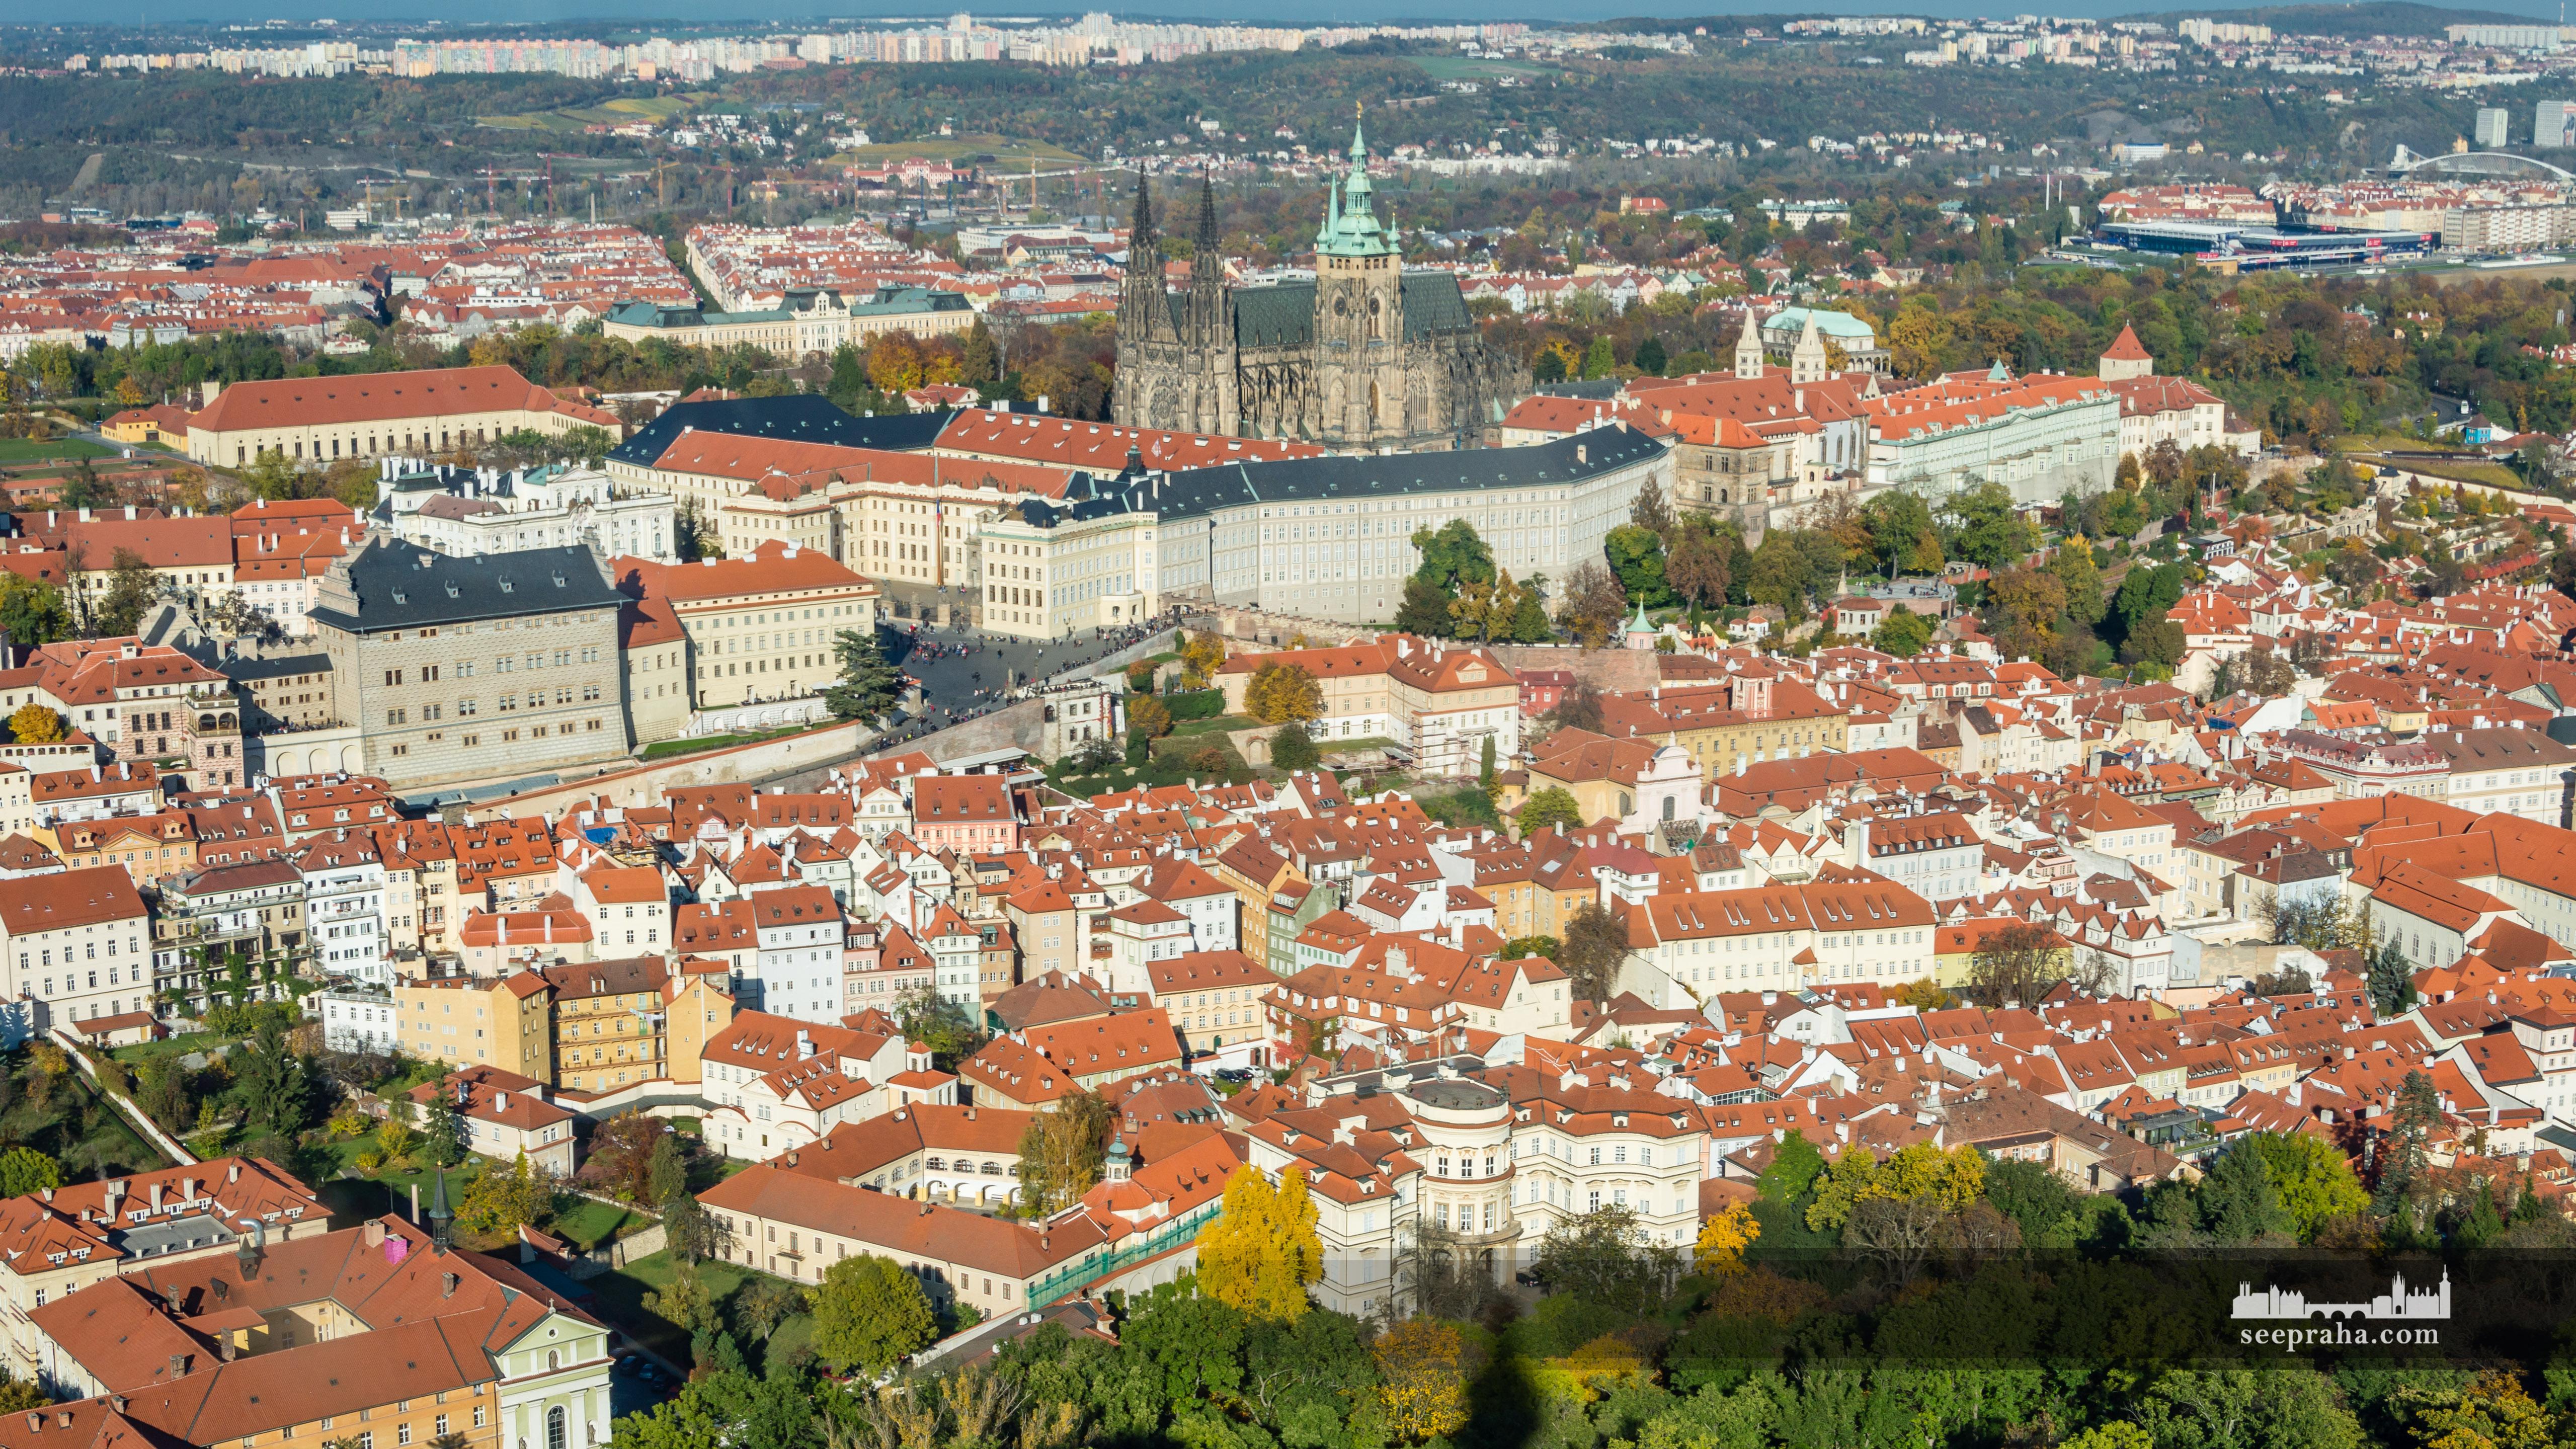 prague-view-of-prazsky-hrad-from-petrin-tower.jpg